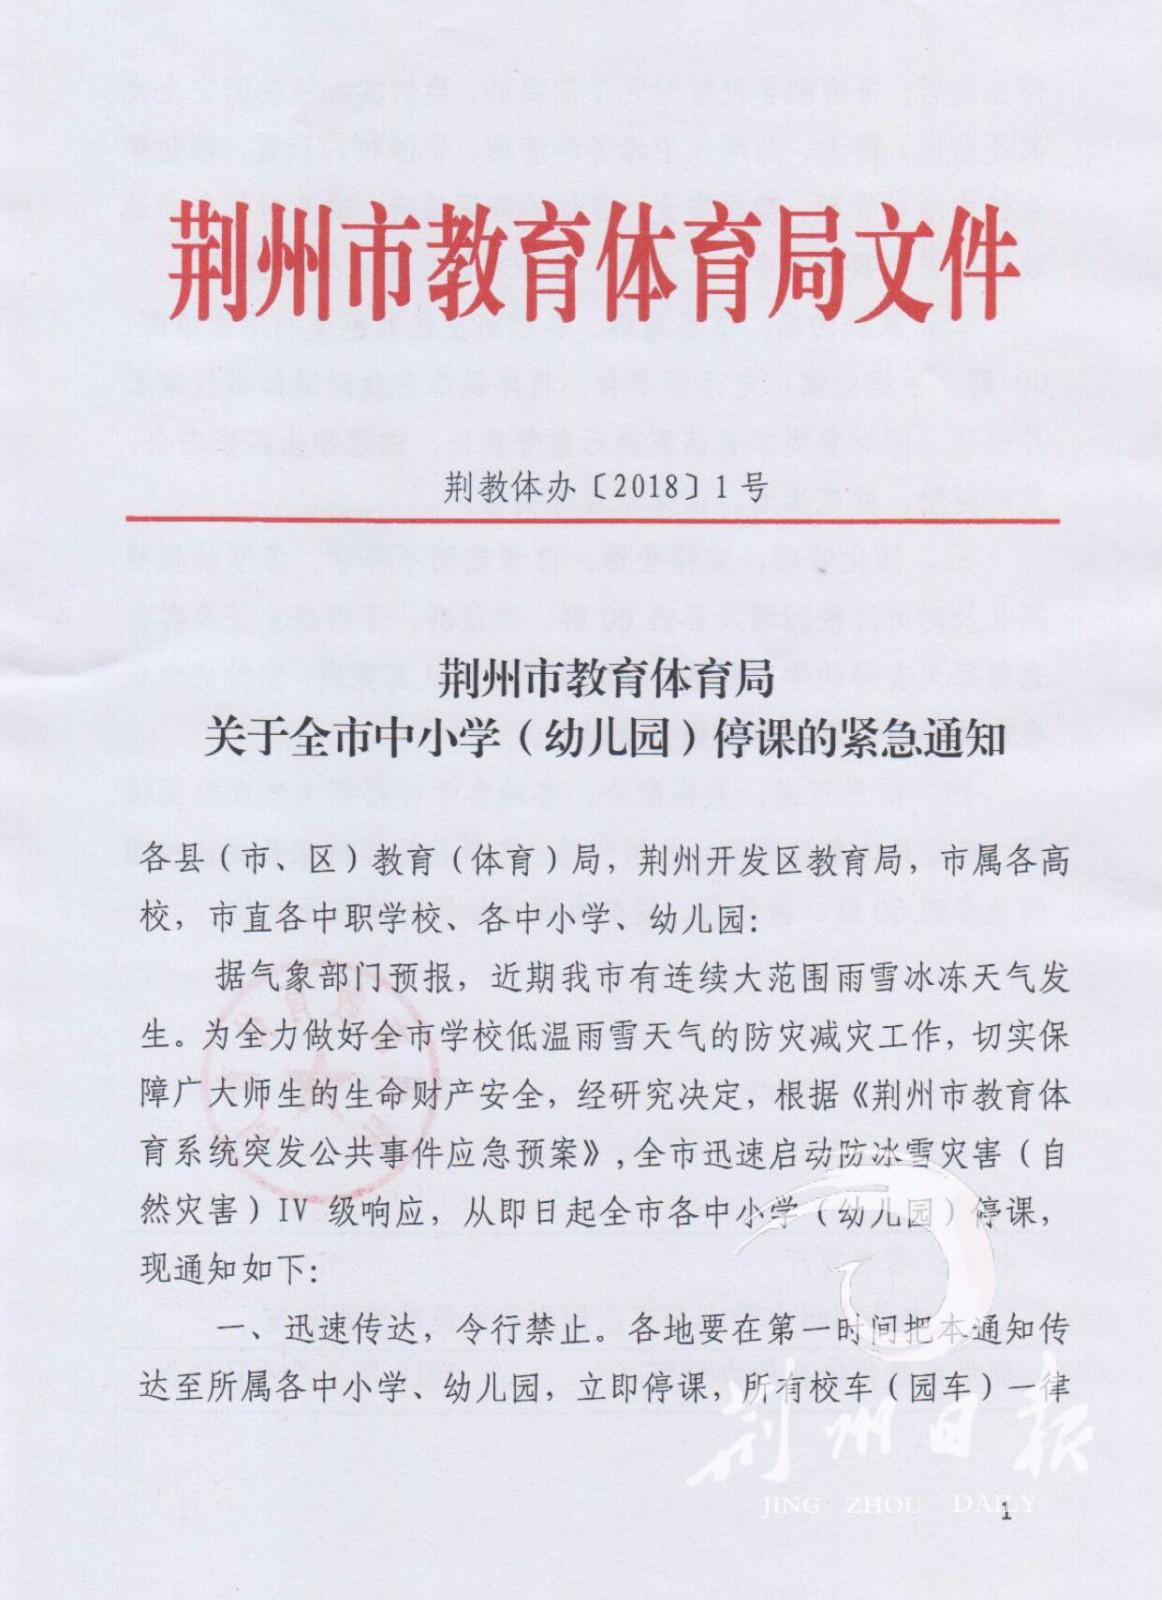 紧急通知:荆州全市中小学(幼儿园)停课